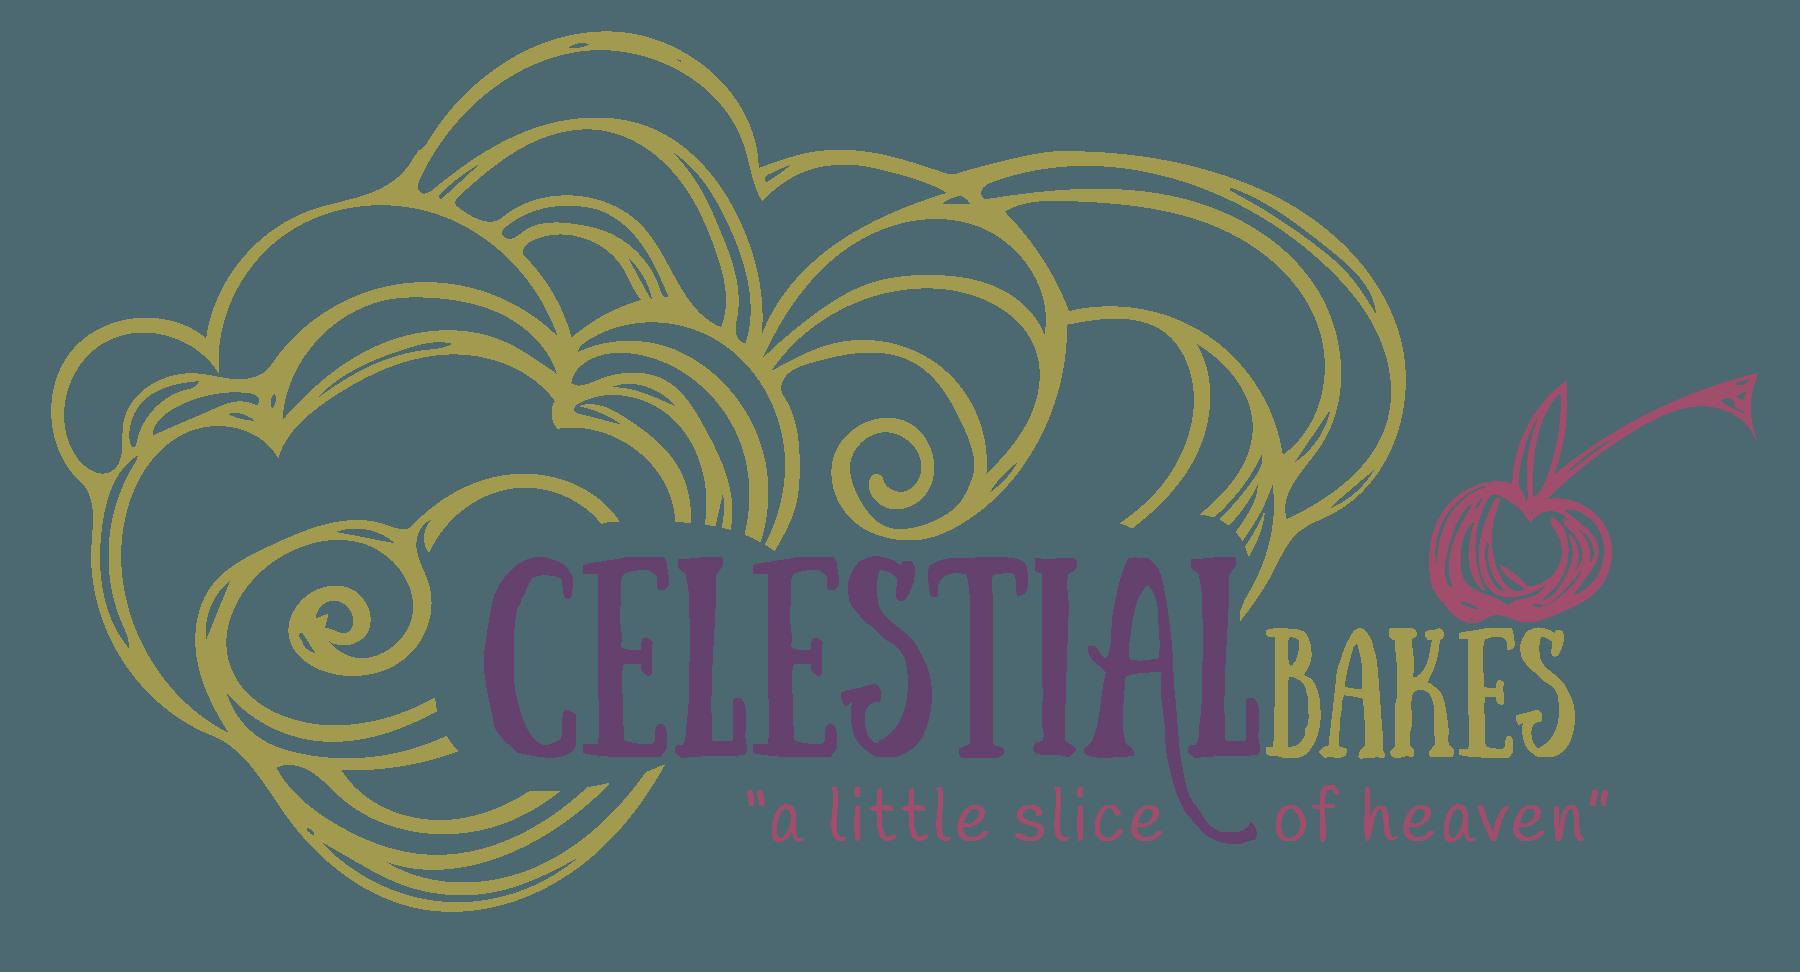 Celestial Bakes